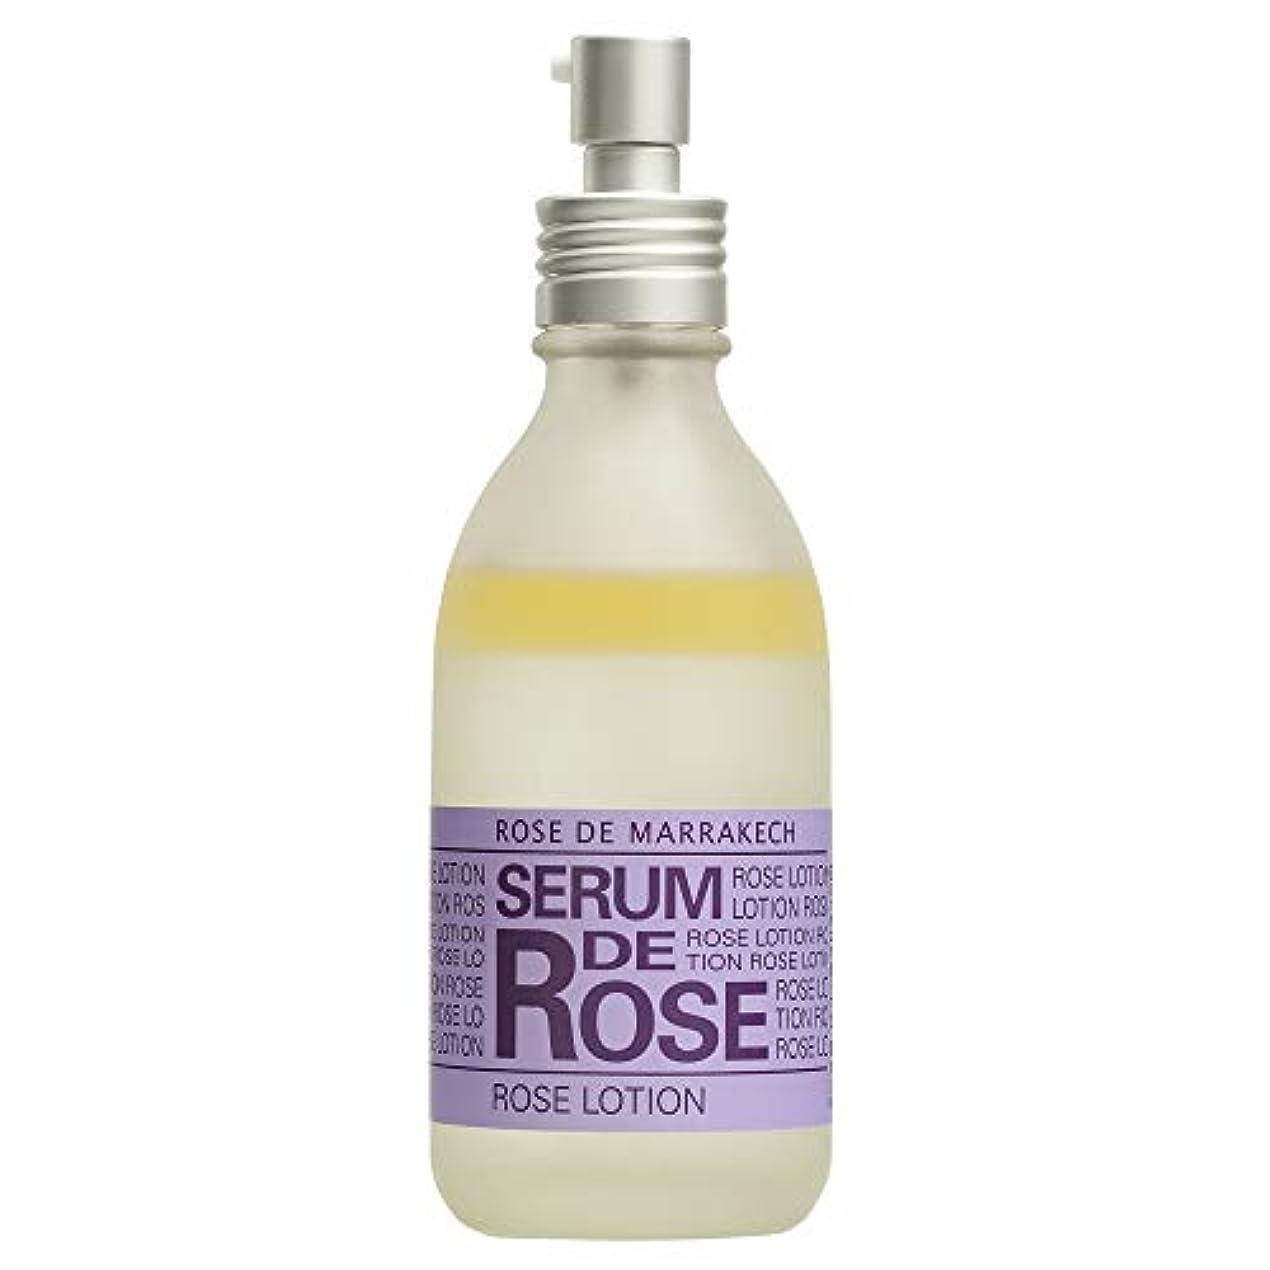 気を散らすチェス組み込むローズ ド マラケシュ セラム ド ローズ120ml(オールインワン化粧水)